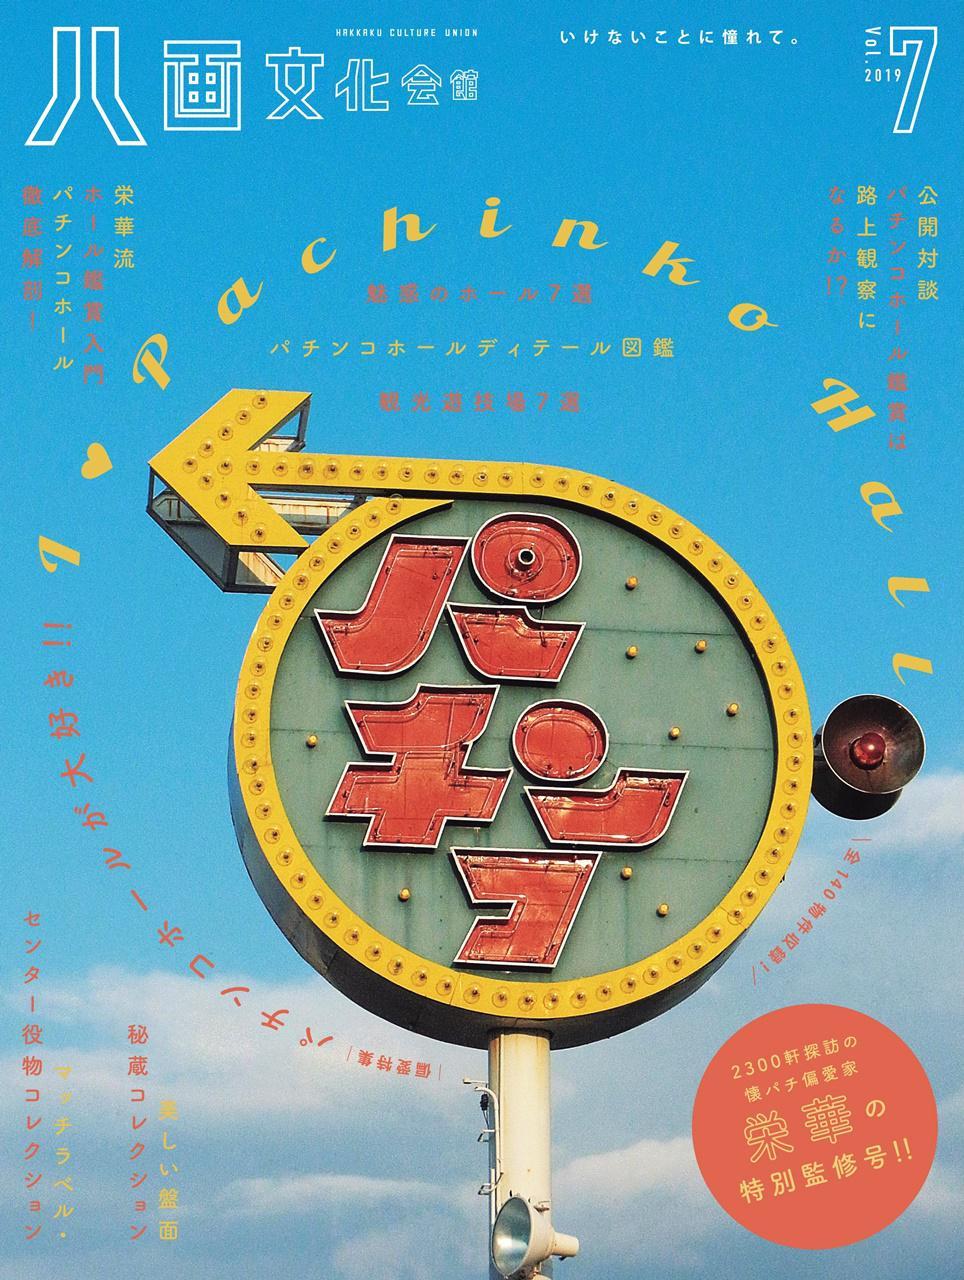 八画文化会館vol.7 特集:I ❤ Pachinko Hall パチンコホールが大好き‼